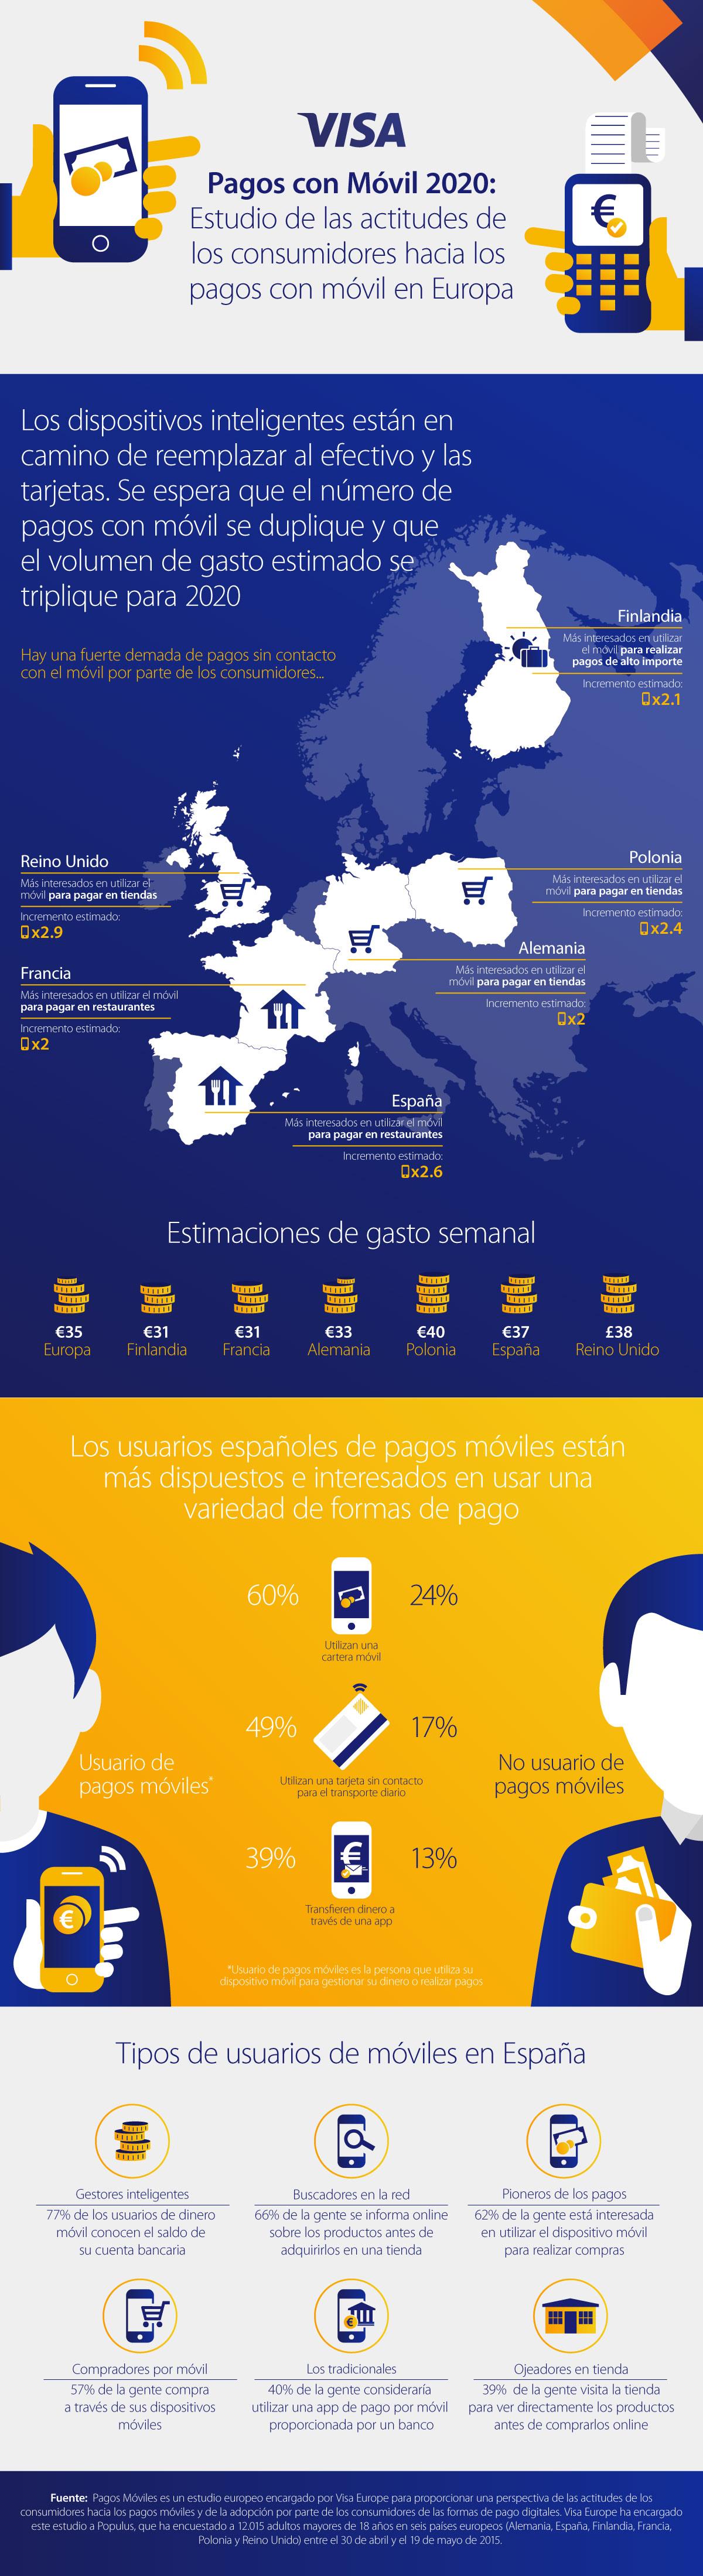 Infografía-Visa-Encuesta-Pagos-Móviles-en-España